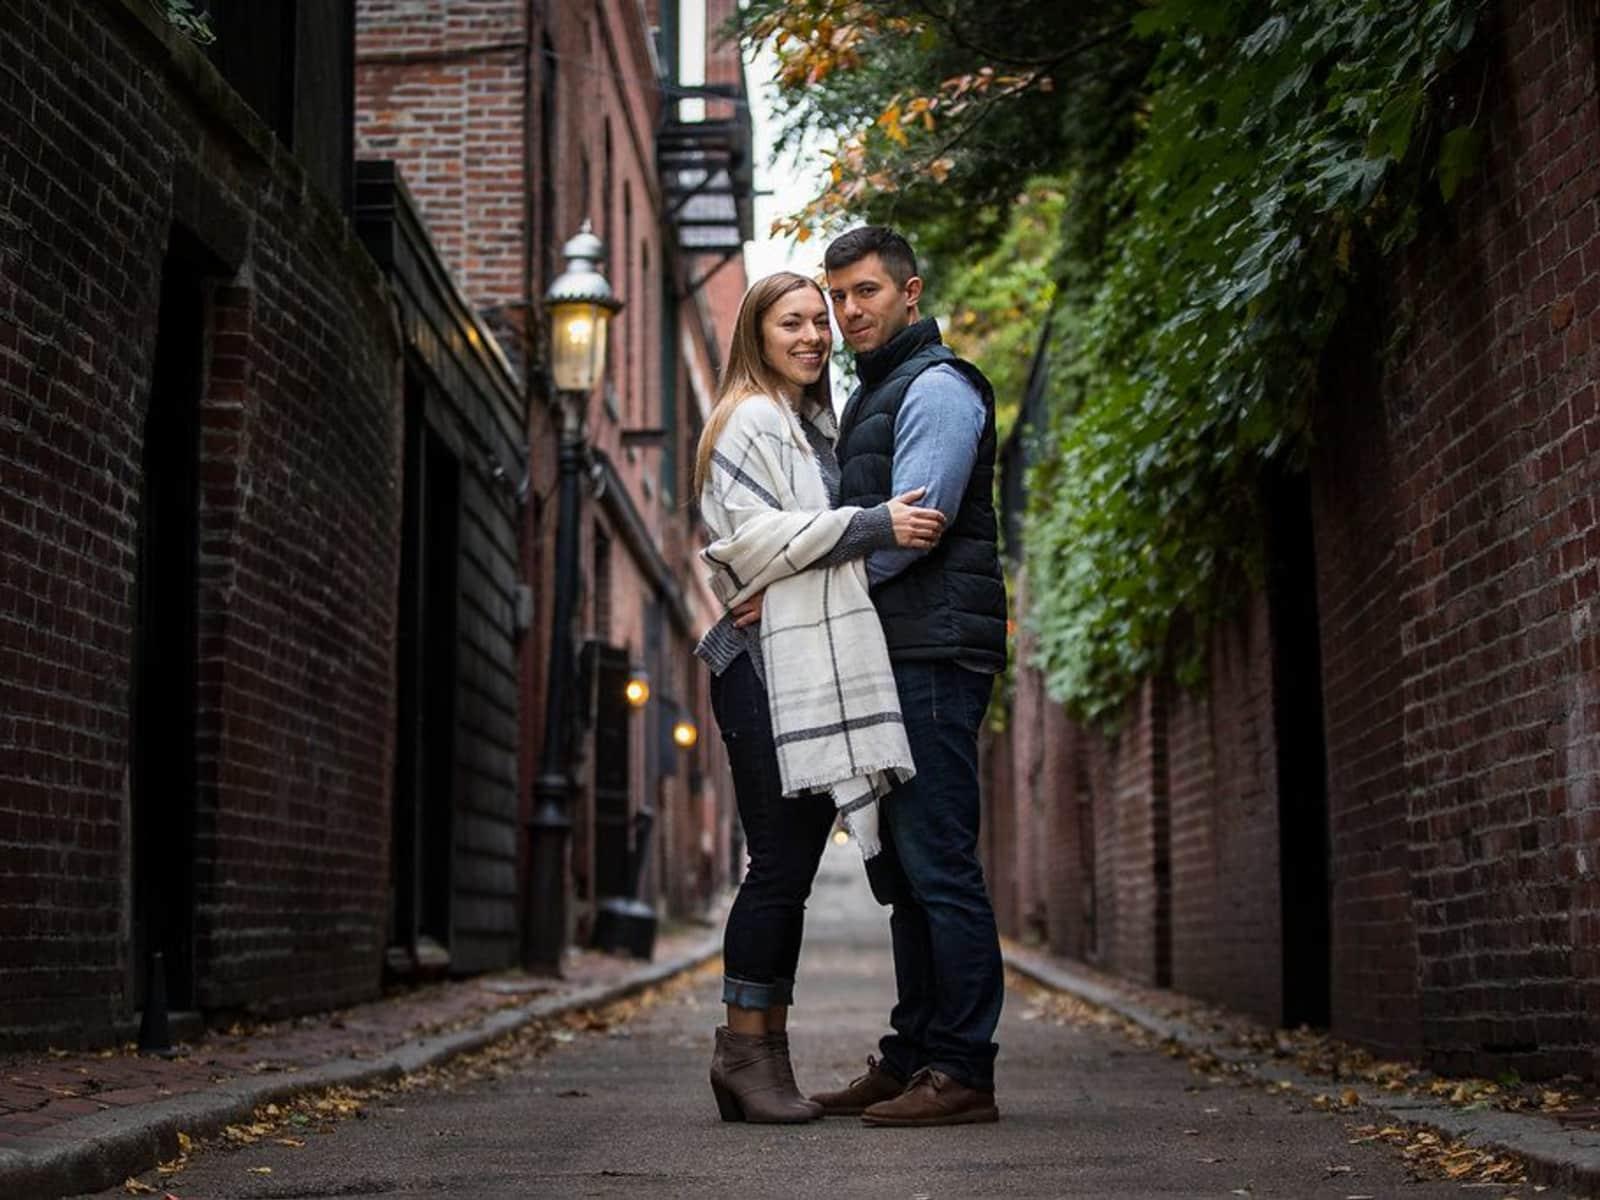 Janelle & J.j. from Boston, Massachusetts, United States